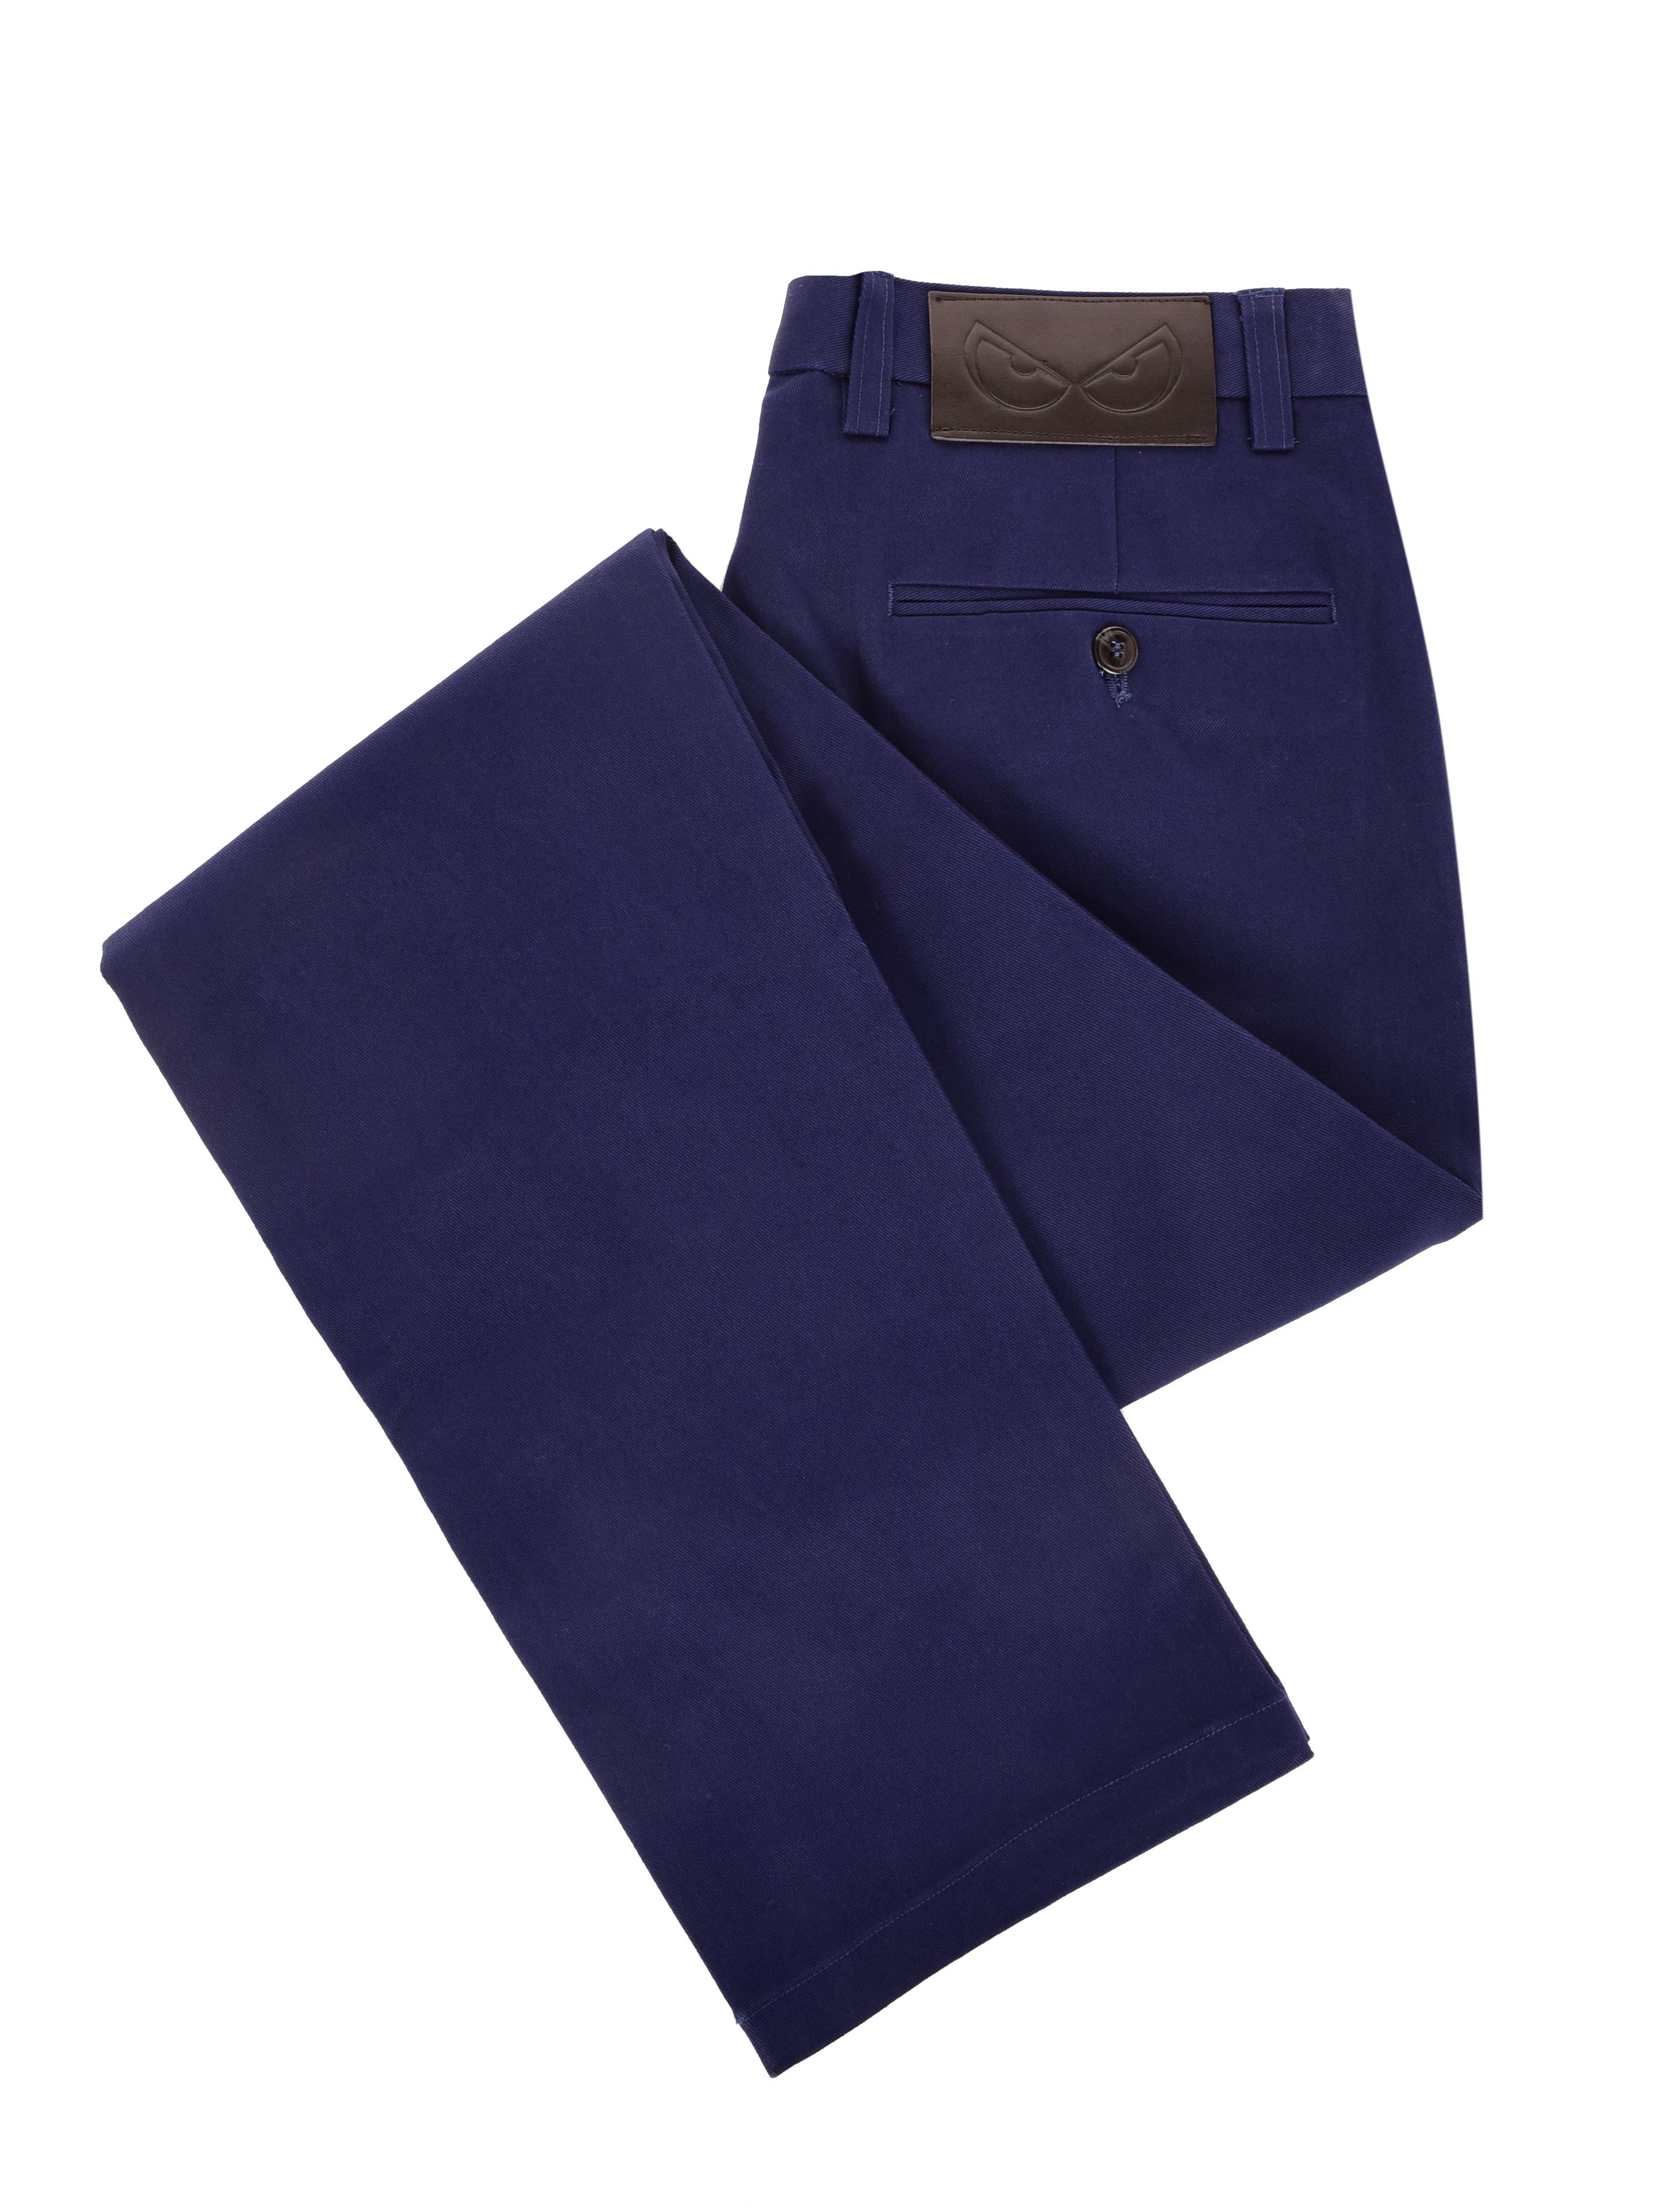 GABARDIN pánské kalhoty    vel.1(30)